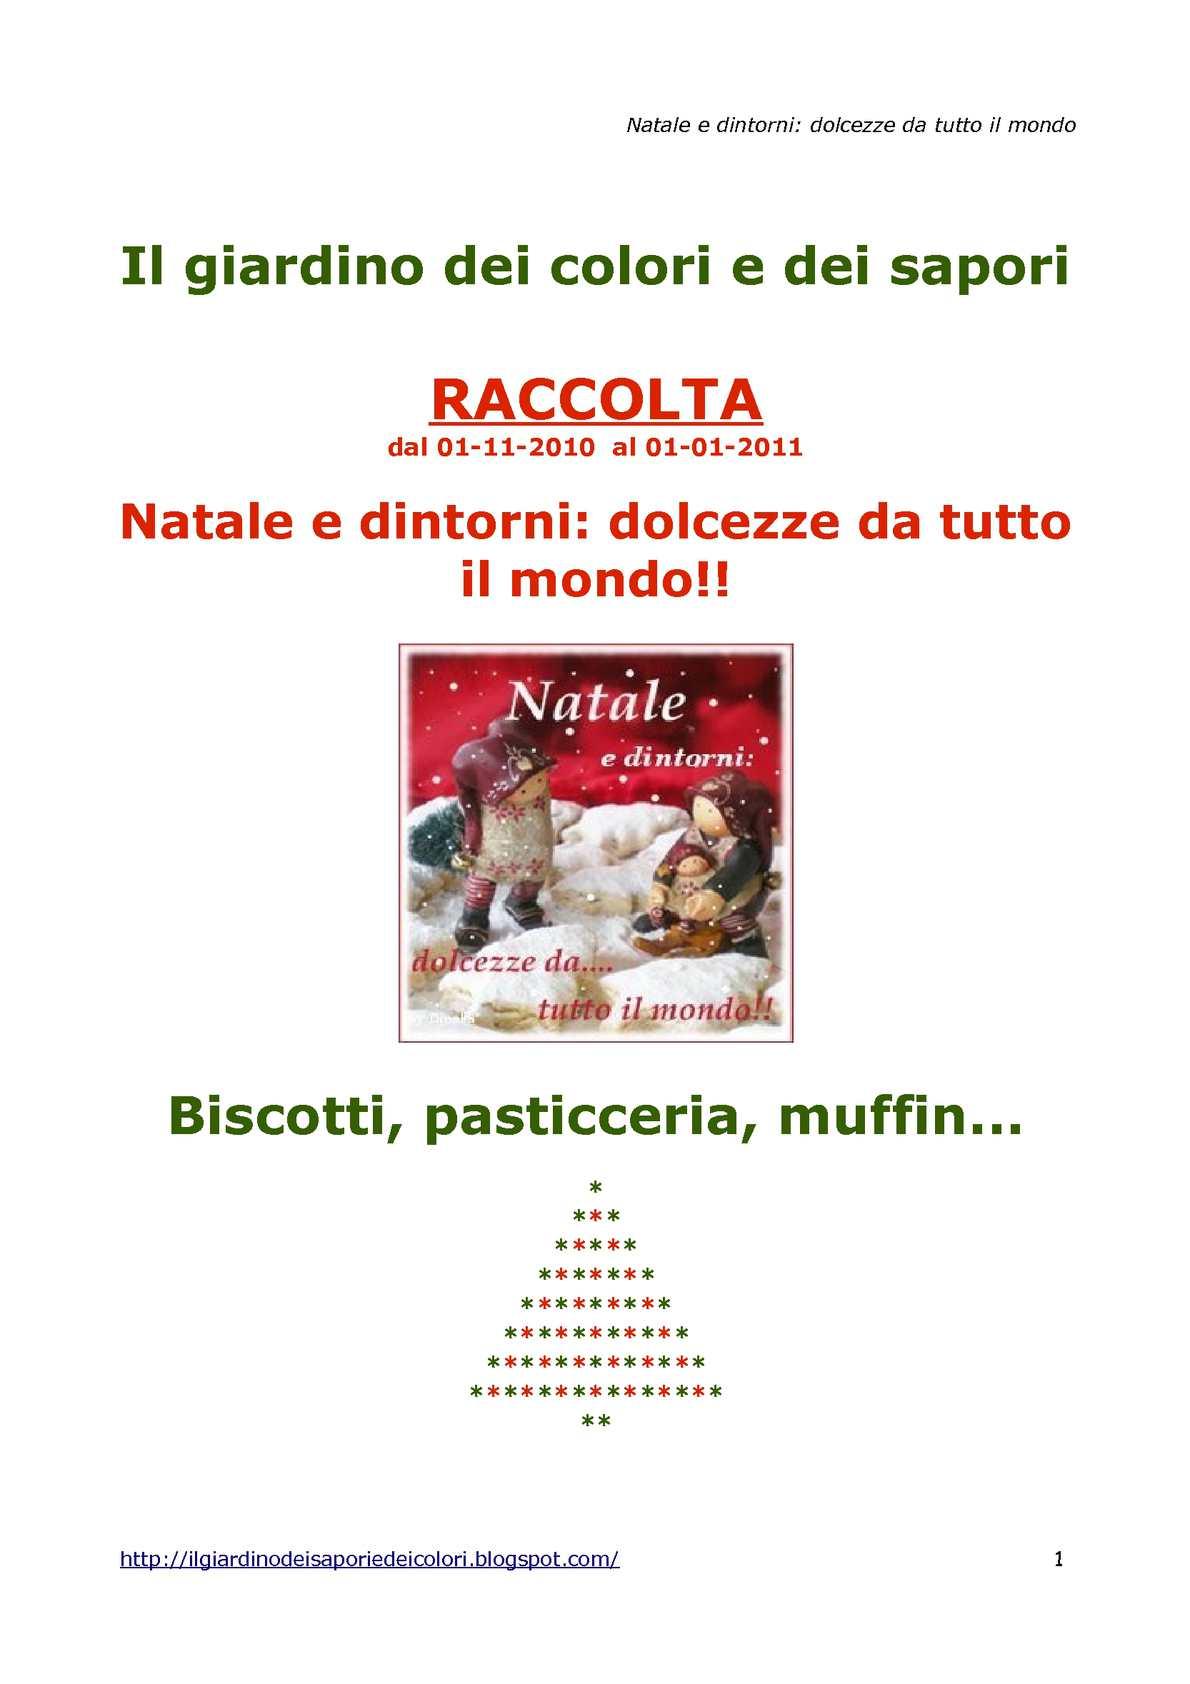 Natale e dintorni: biscotti